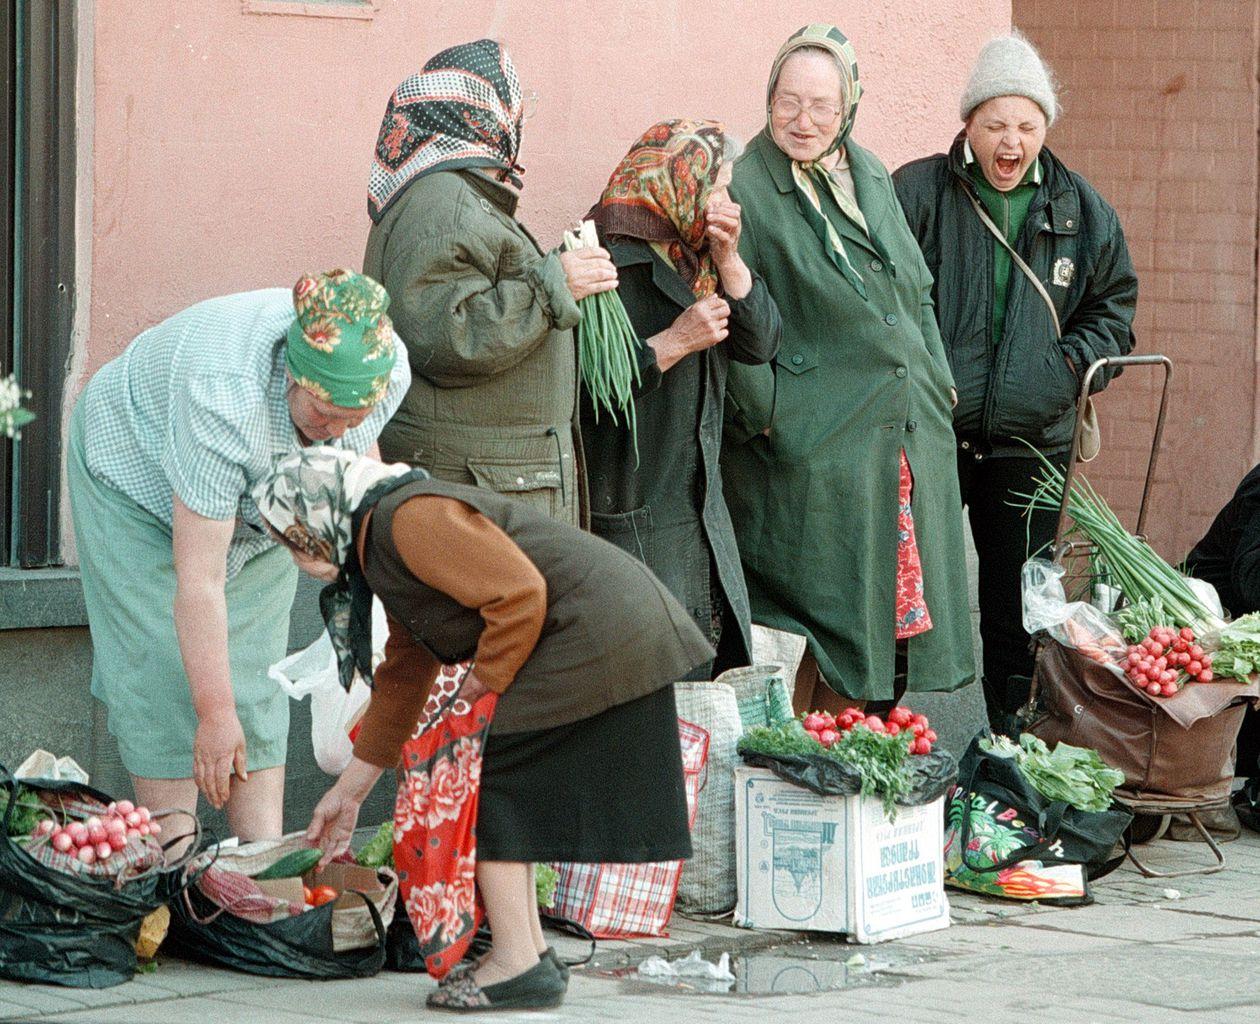 Utcai árusok Moszkvában 1998-ban #moszkvater